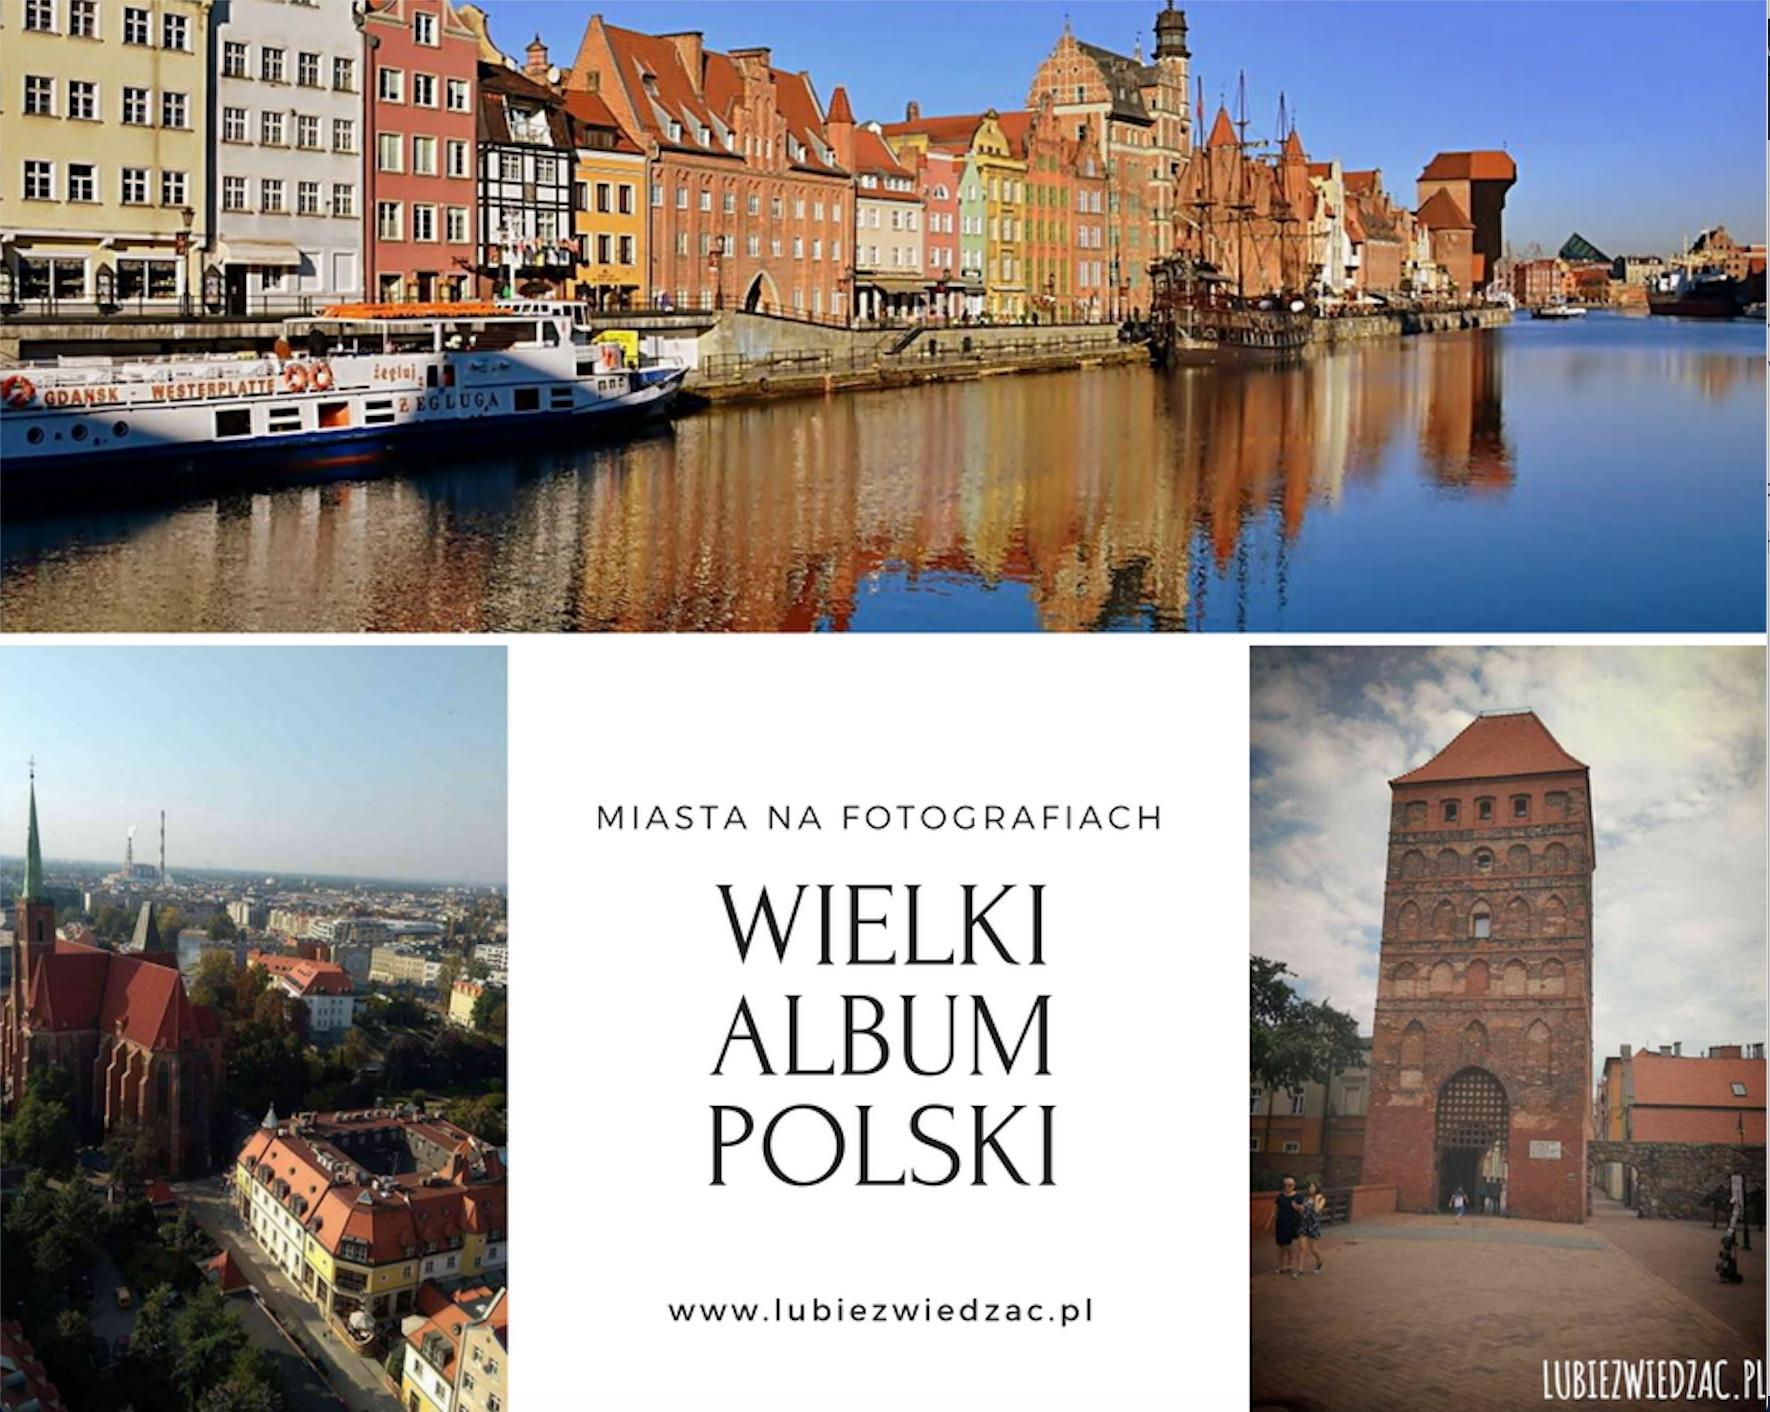 lz - Zostań współtwórcą Wielkiego Albumu Polski